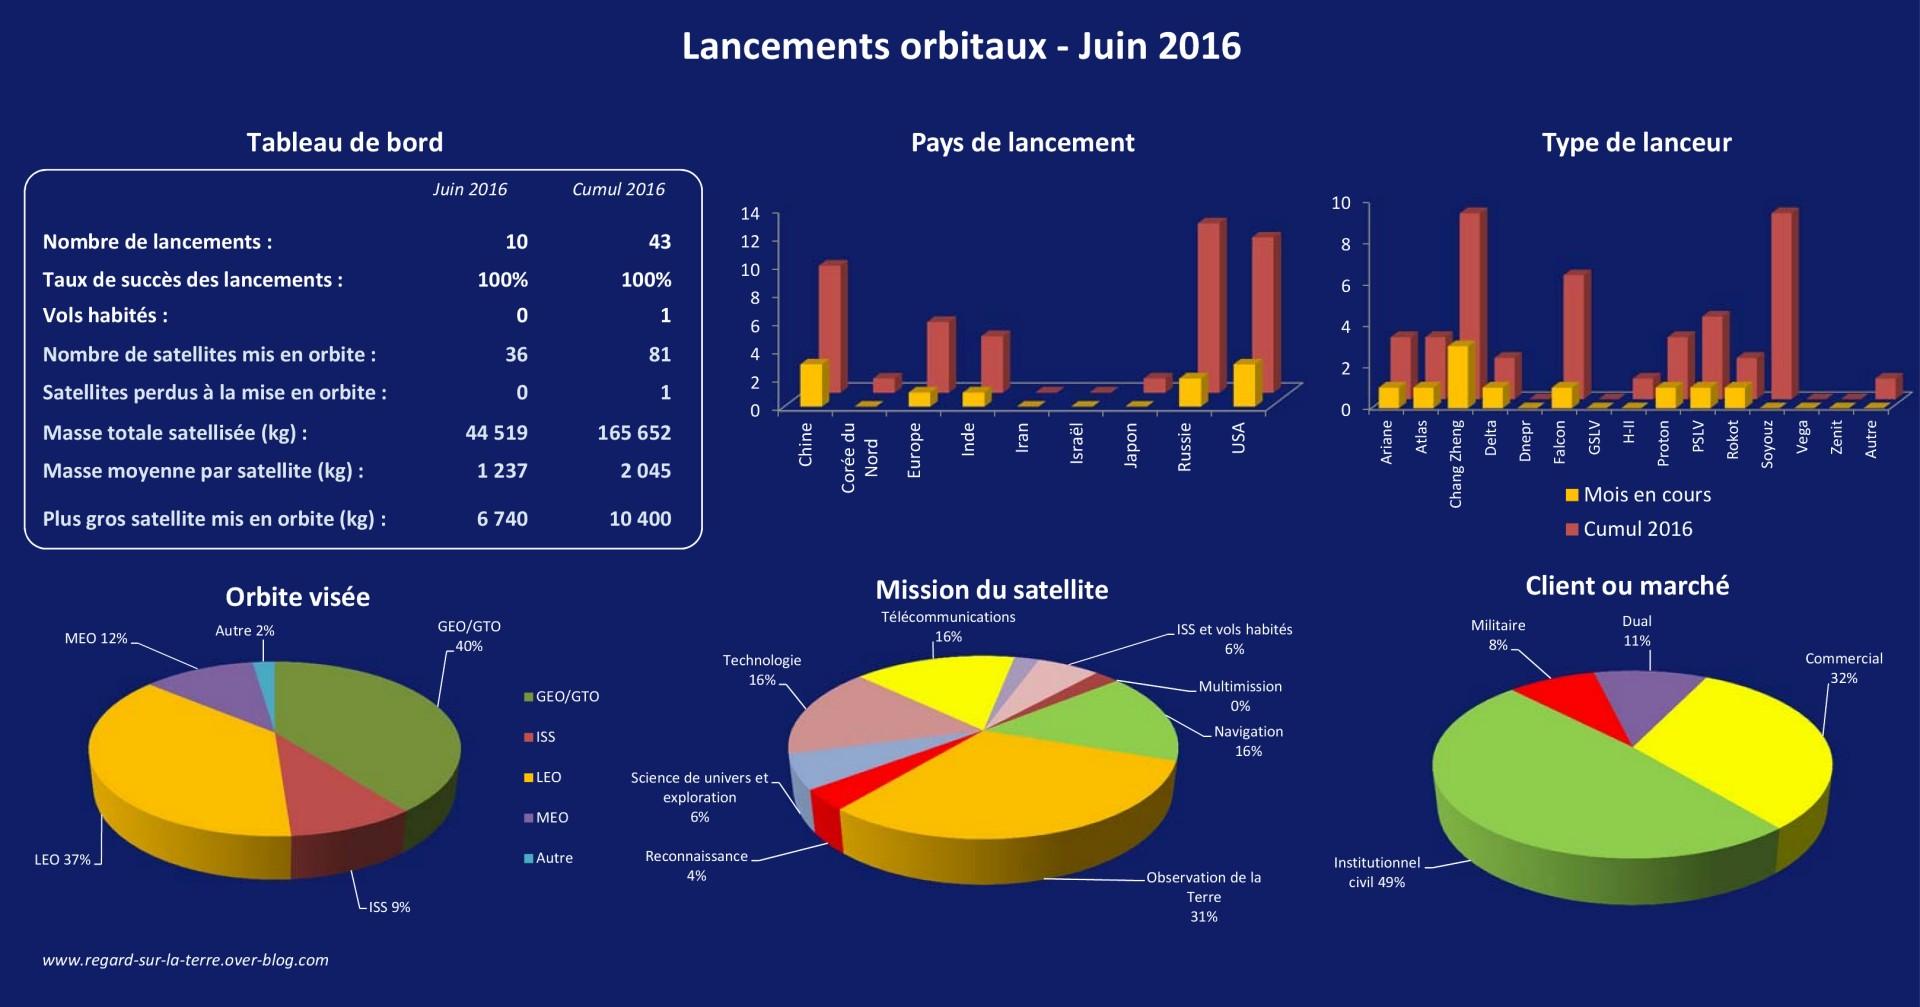 Lancements orbitaux - 2016 - mois de juin - satellites - pays - lanceurs - masse - charge utile - mission - records